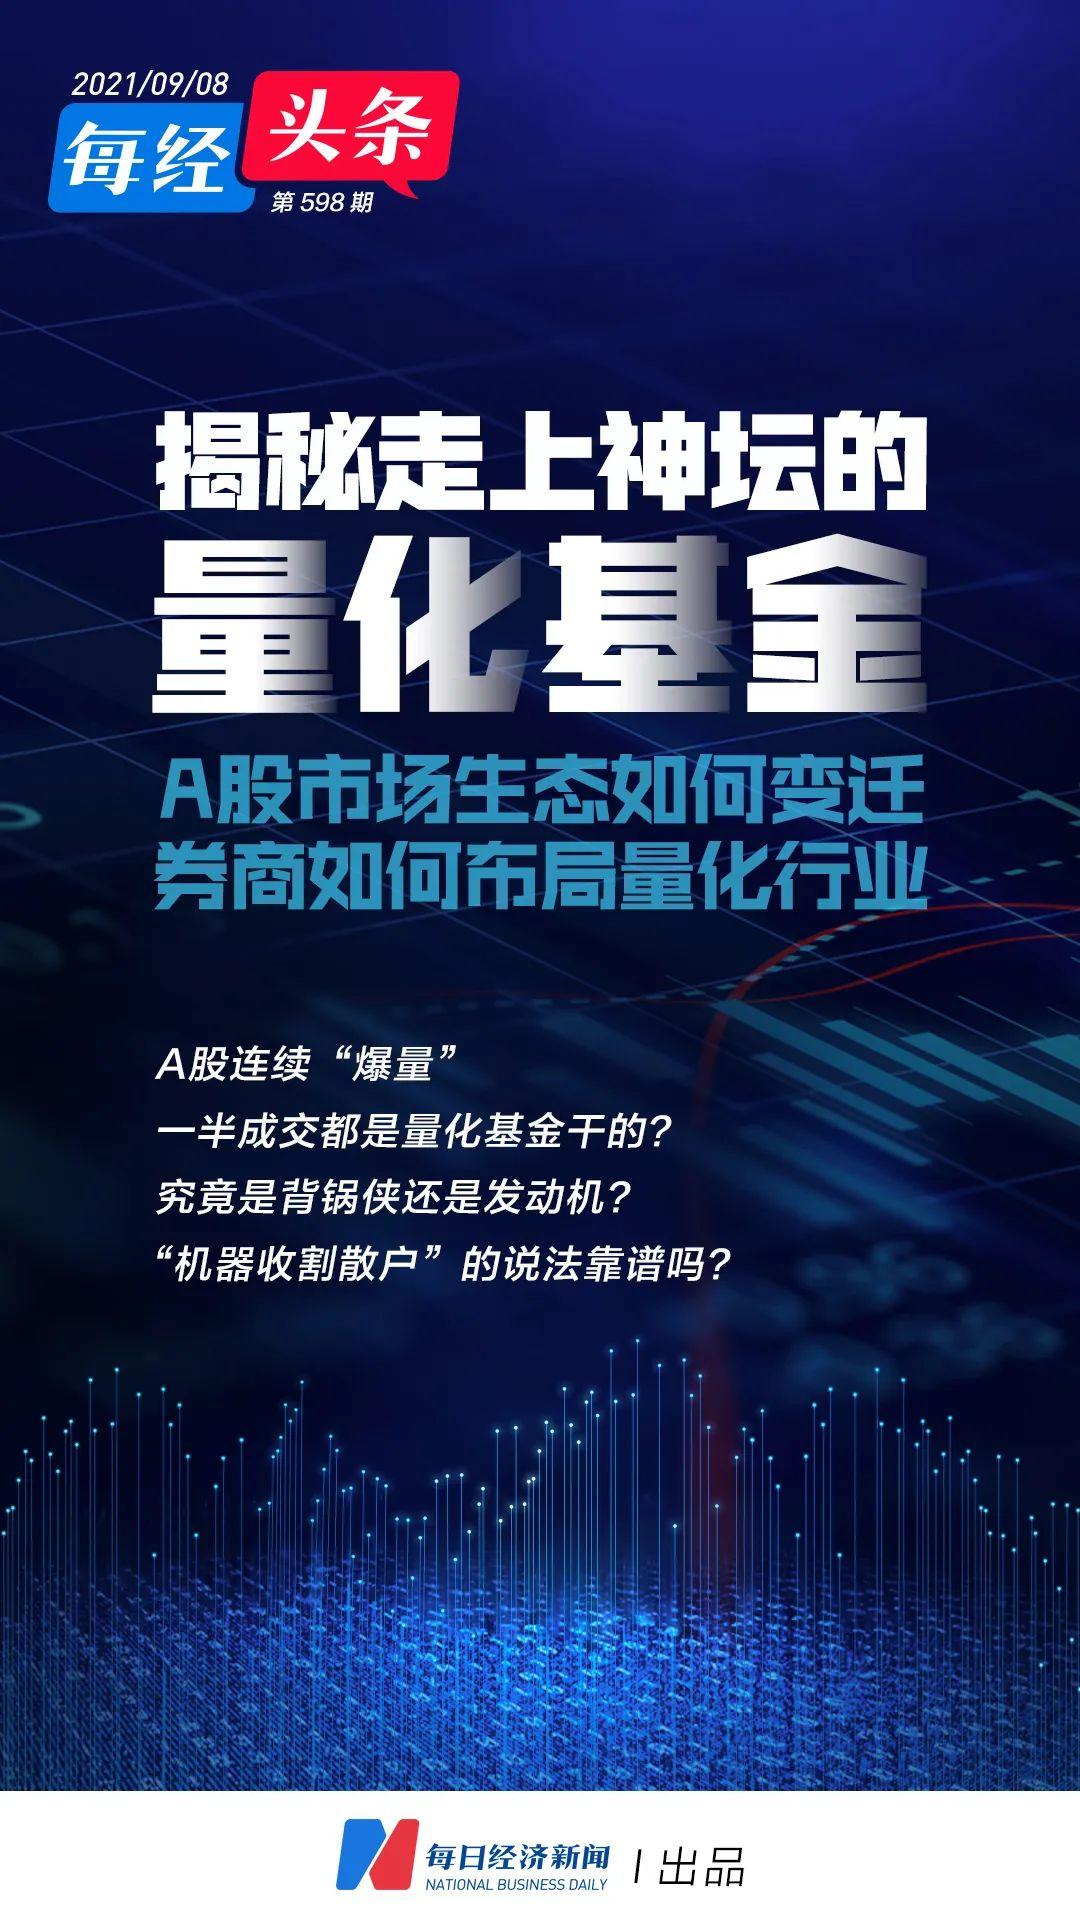 """揭秘走上神坛的万亿量化基金:占A股成交或约10%,究竟是""""背锅侠""""还是""""发动机""""?"""